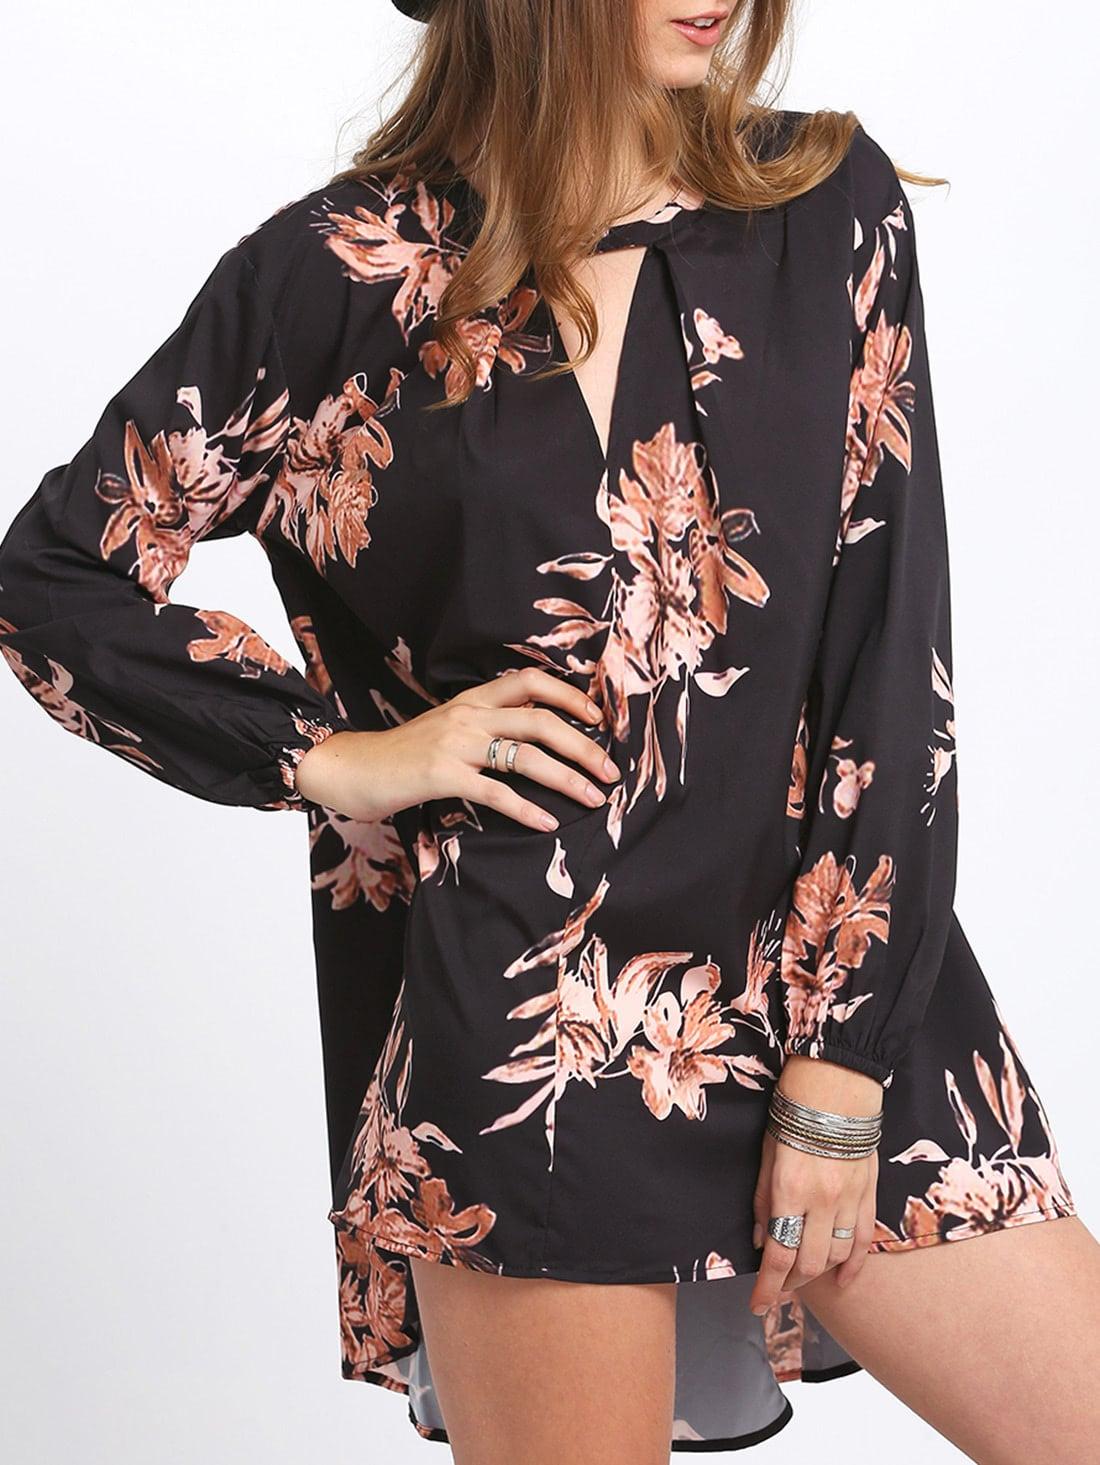 Black Cut Out Front Floral DressBlack Cut Out Front Floral Dress<br><br>color: Multicolor<br>size: M,S,XS